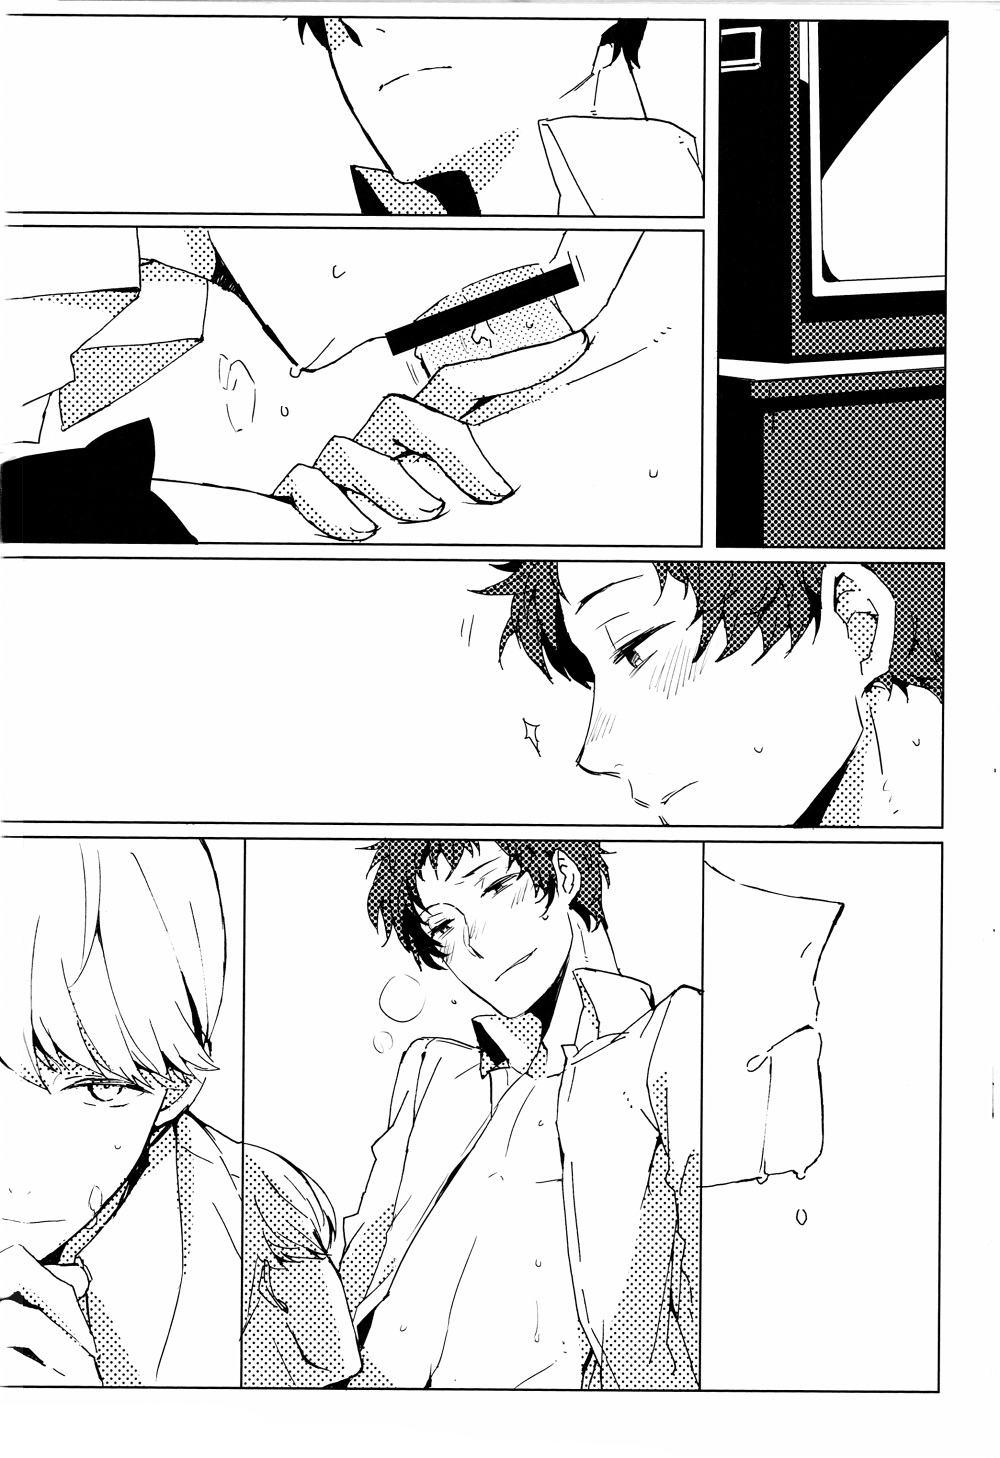 Chia Sẻ Sự Tĩnh Lặng - Tác giả HEART STATION (Ebisushi) - Trang 5